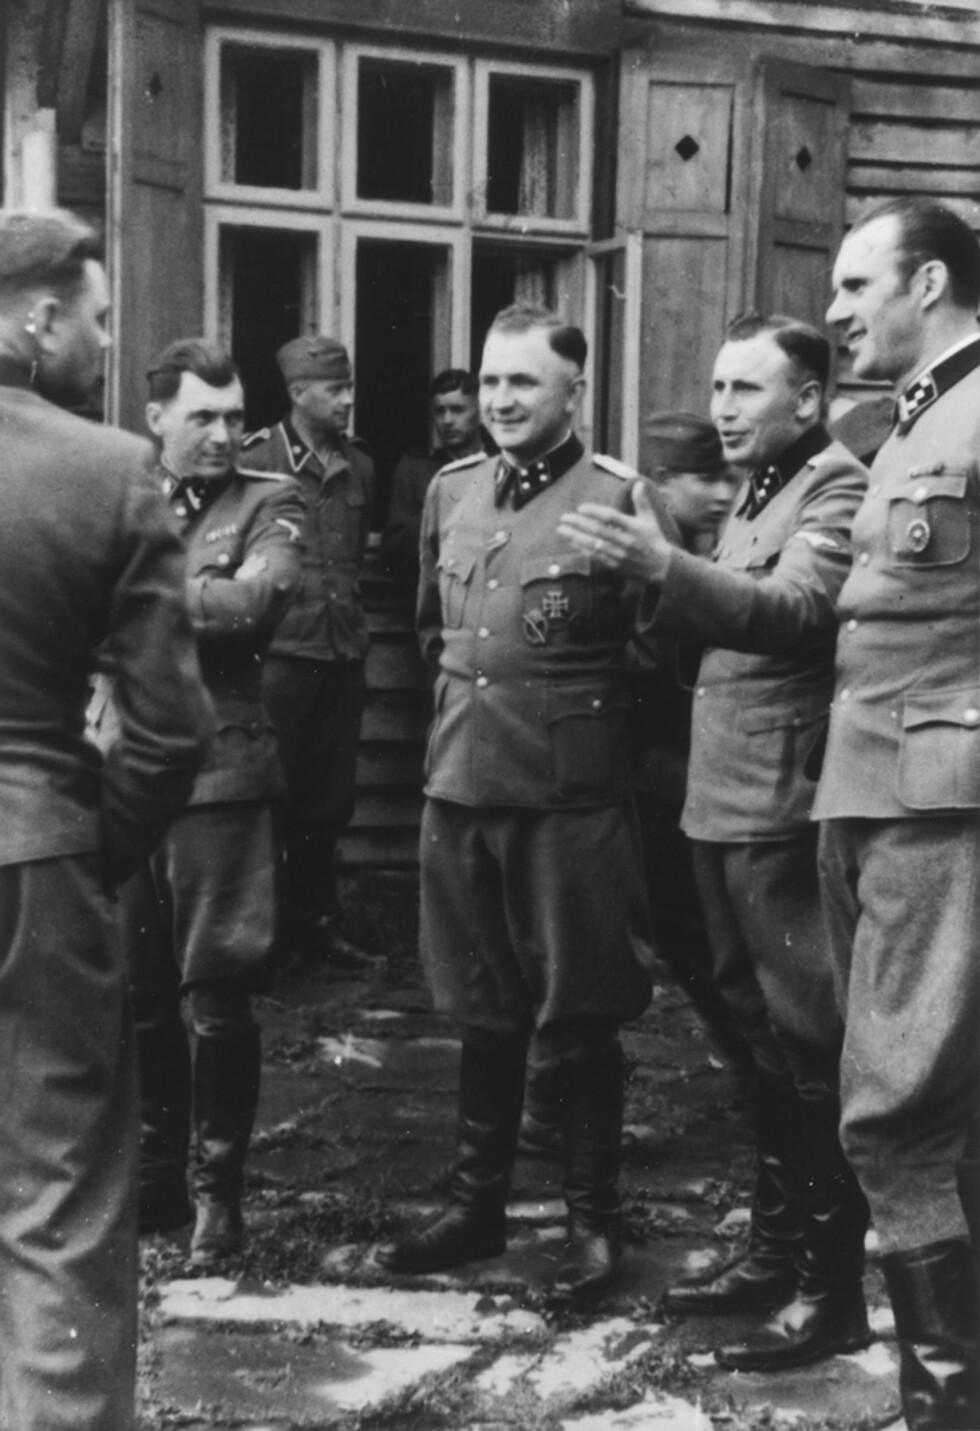 GOD STEMNING: Man antar at bildeserien er bestilt av SS-kommandant Karl-Friedrich Höcker (nr.2 fra h.) ettersom han er med på flest bilder og også er avbildet alene.  Foto: NTB Scanpix